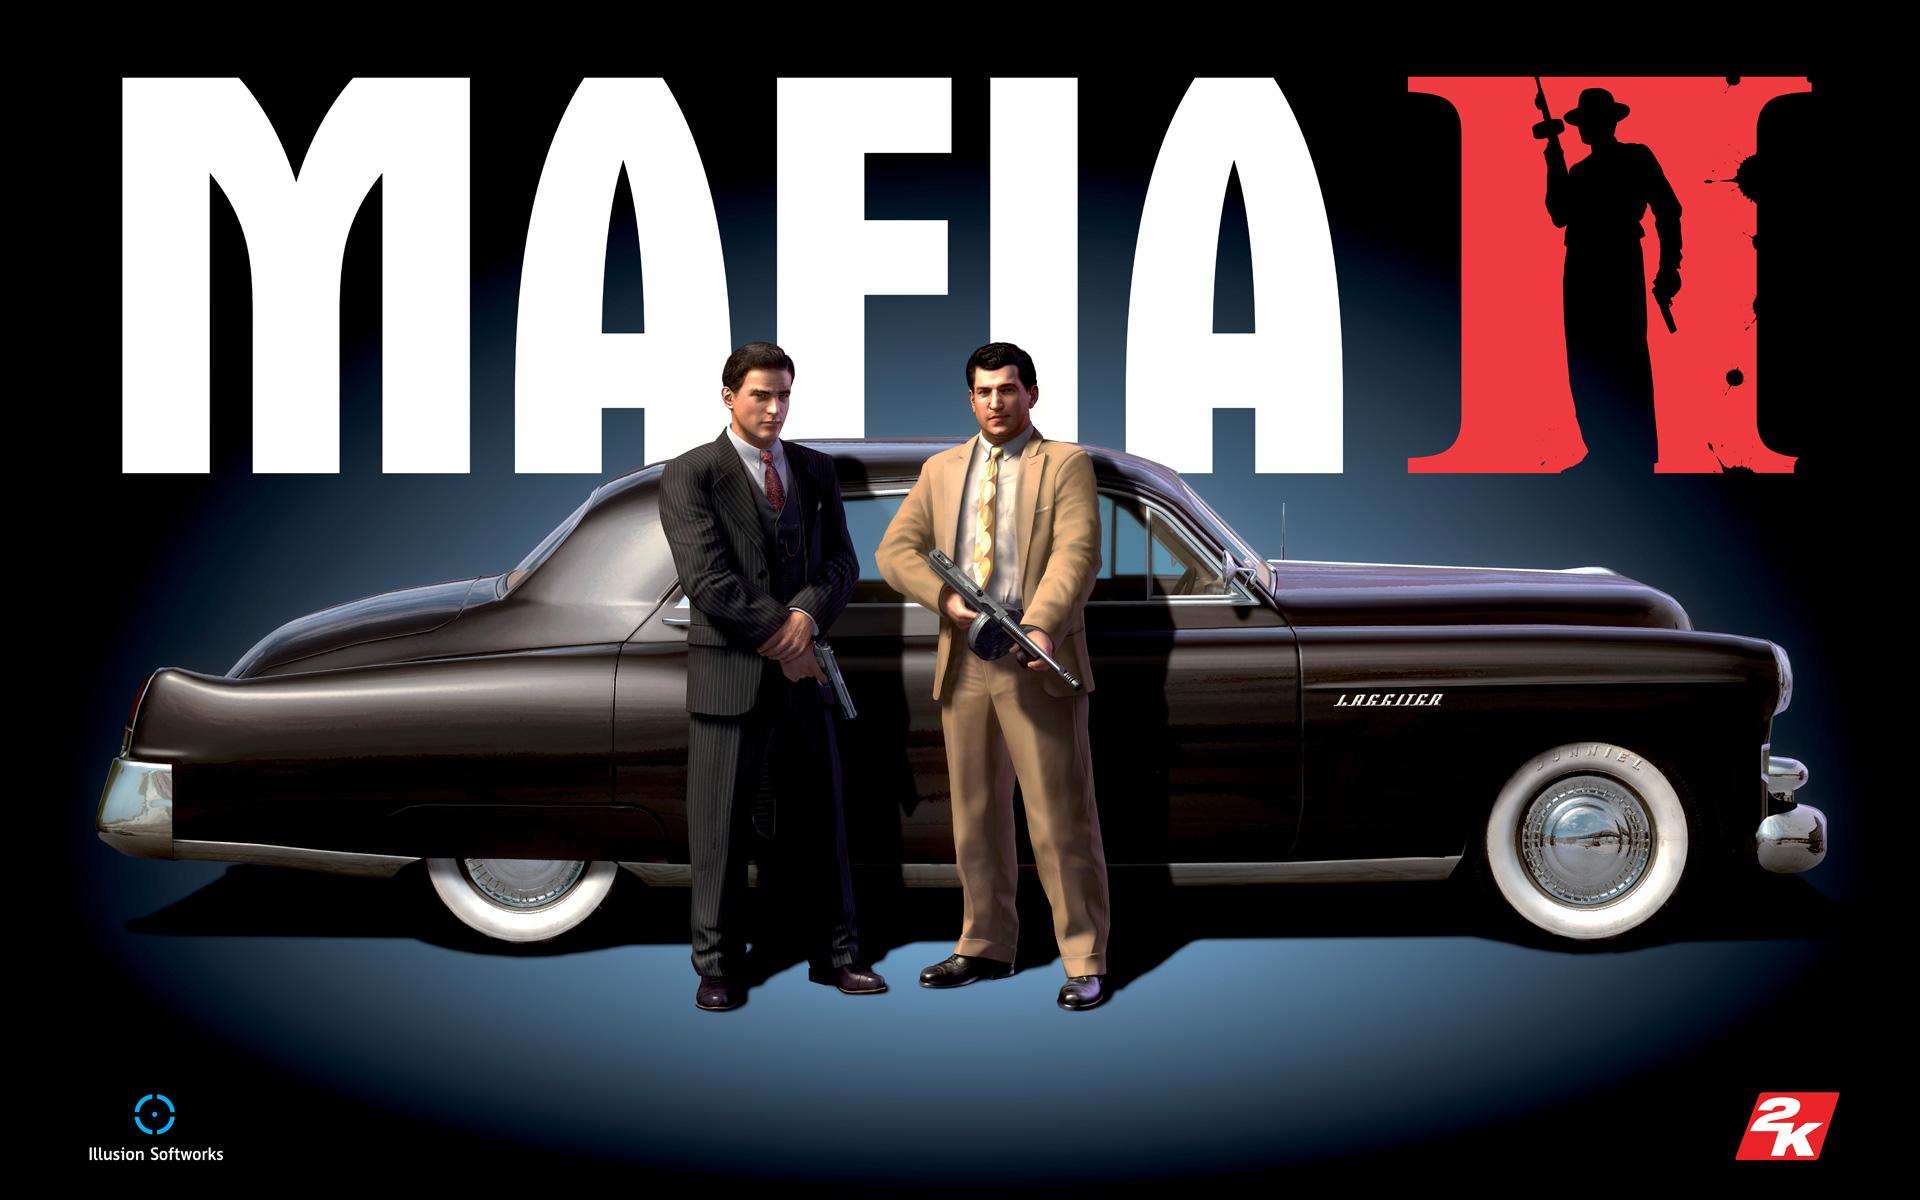 MafiaII